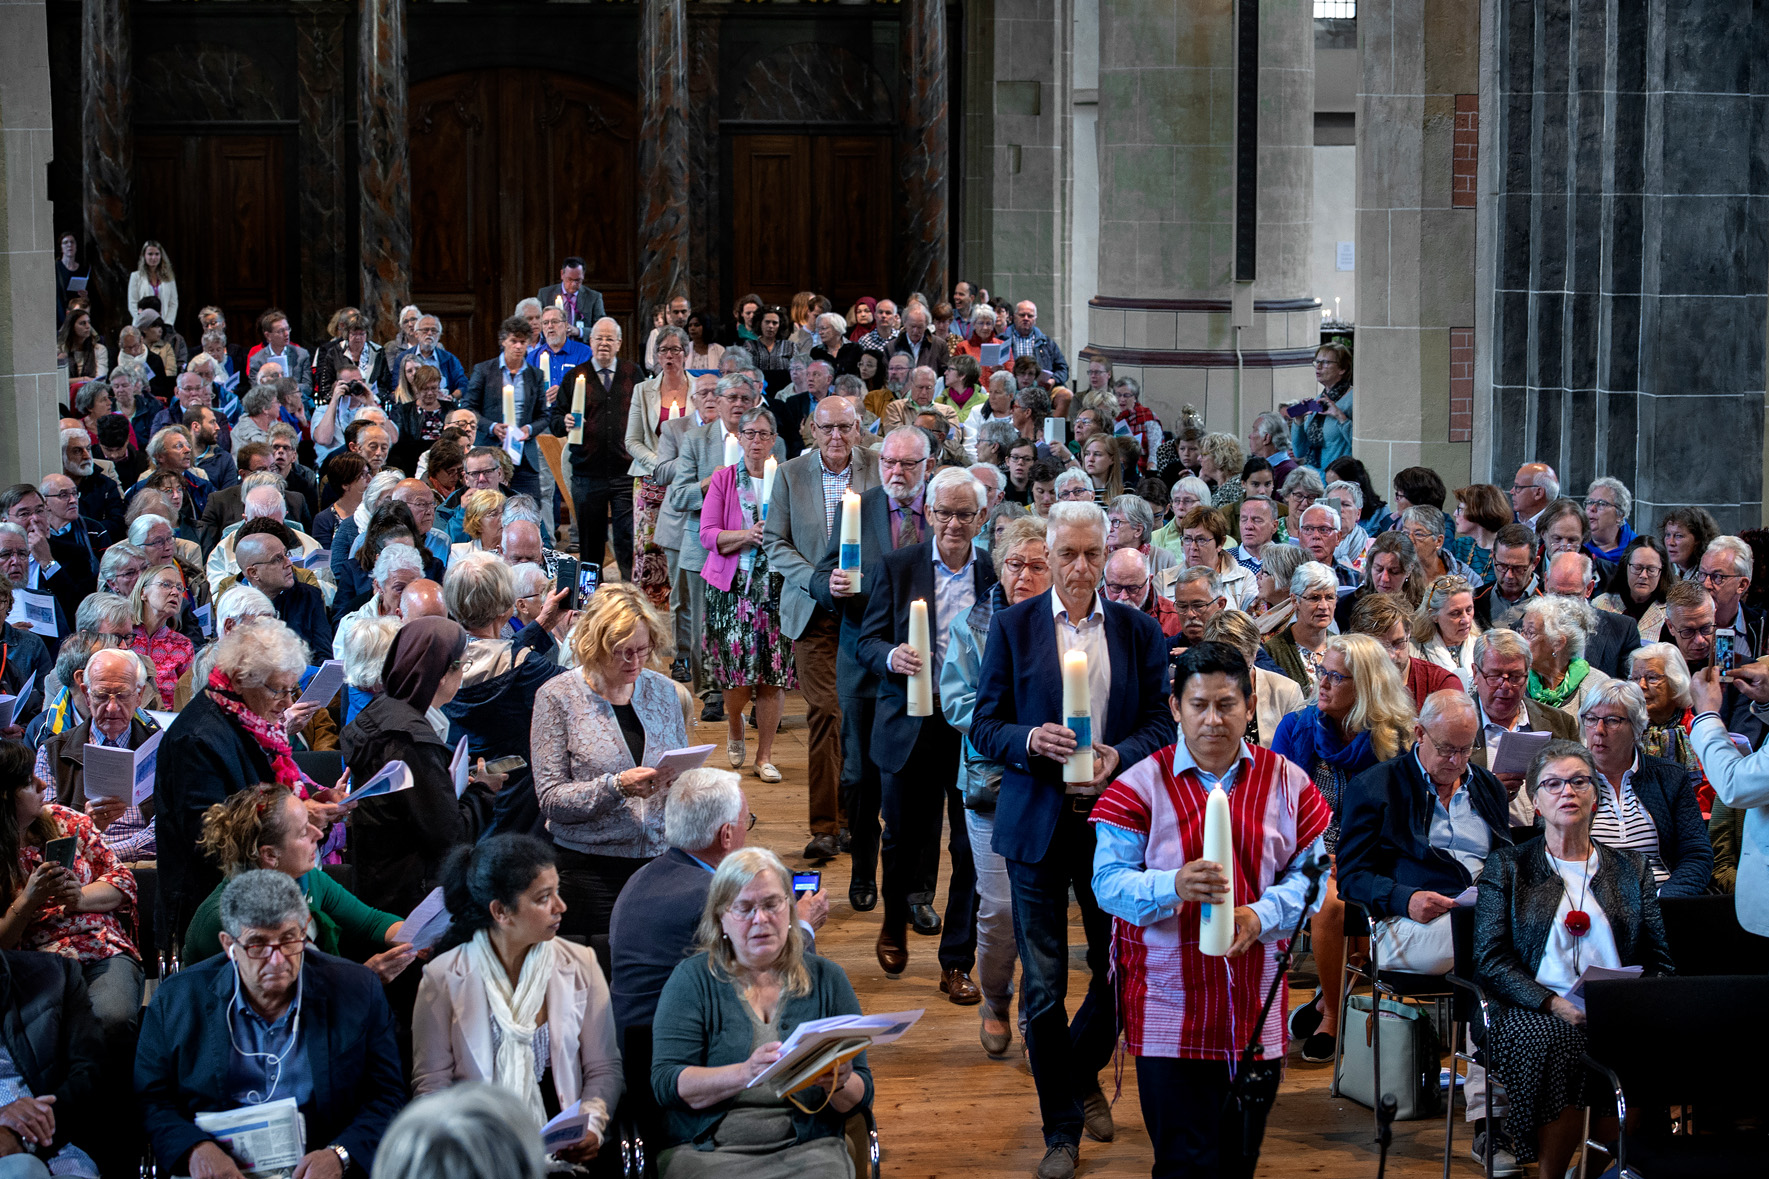 Kaarsenprocessie in de Martinikerk - 24 juni 2018